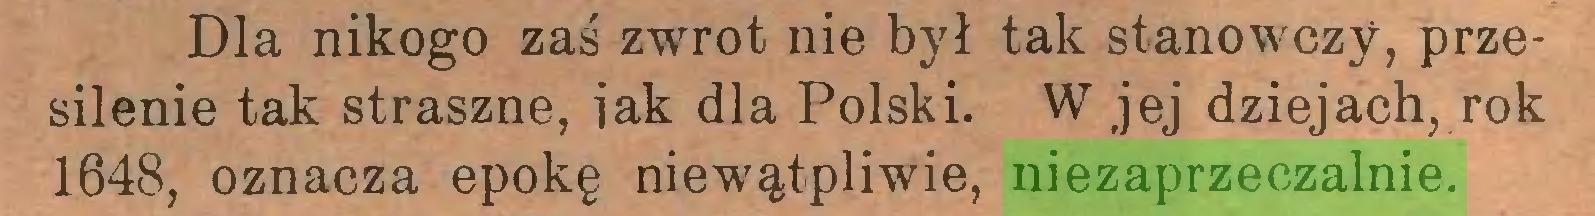 (...) Dla nikogo zaś zwrot nie był tak stanowczy, przesilenie tak straszne, iak dla Polski. W jej dziejach, rok 1648, oznacza epokę niewątpliwie, niezaprzeczalnie...